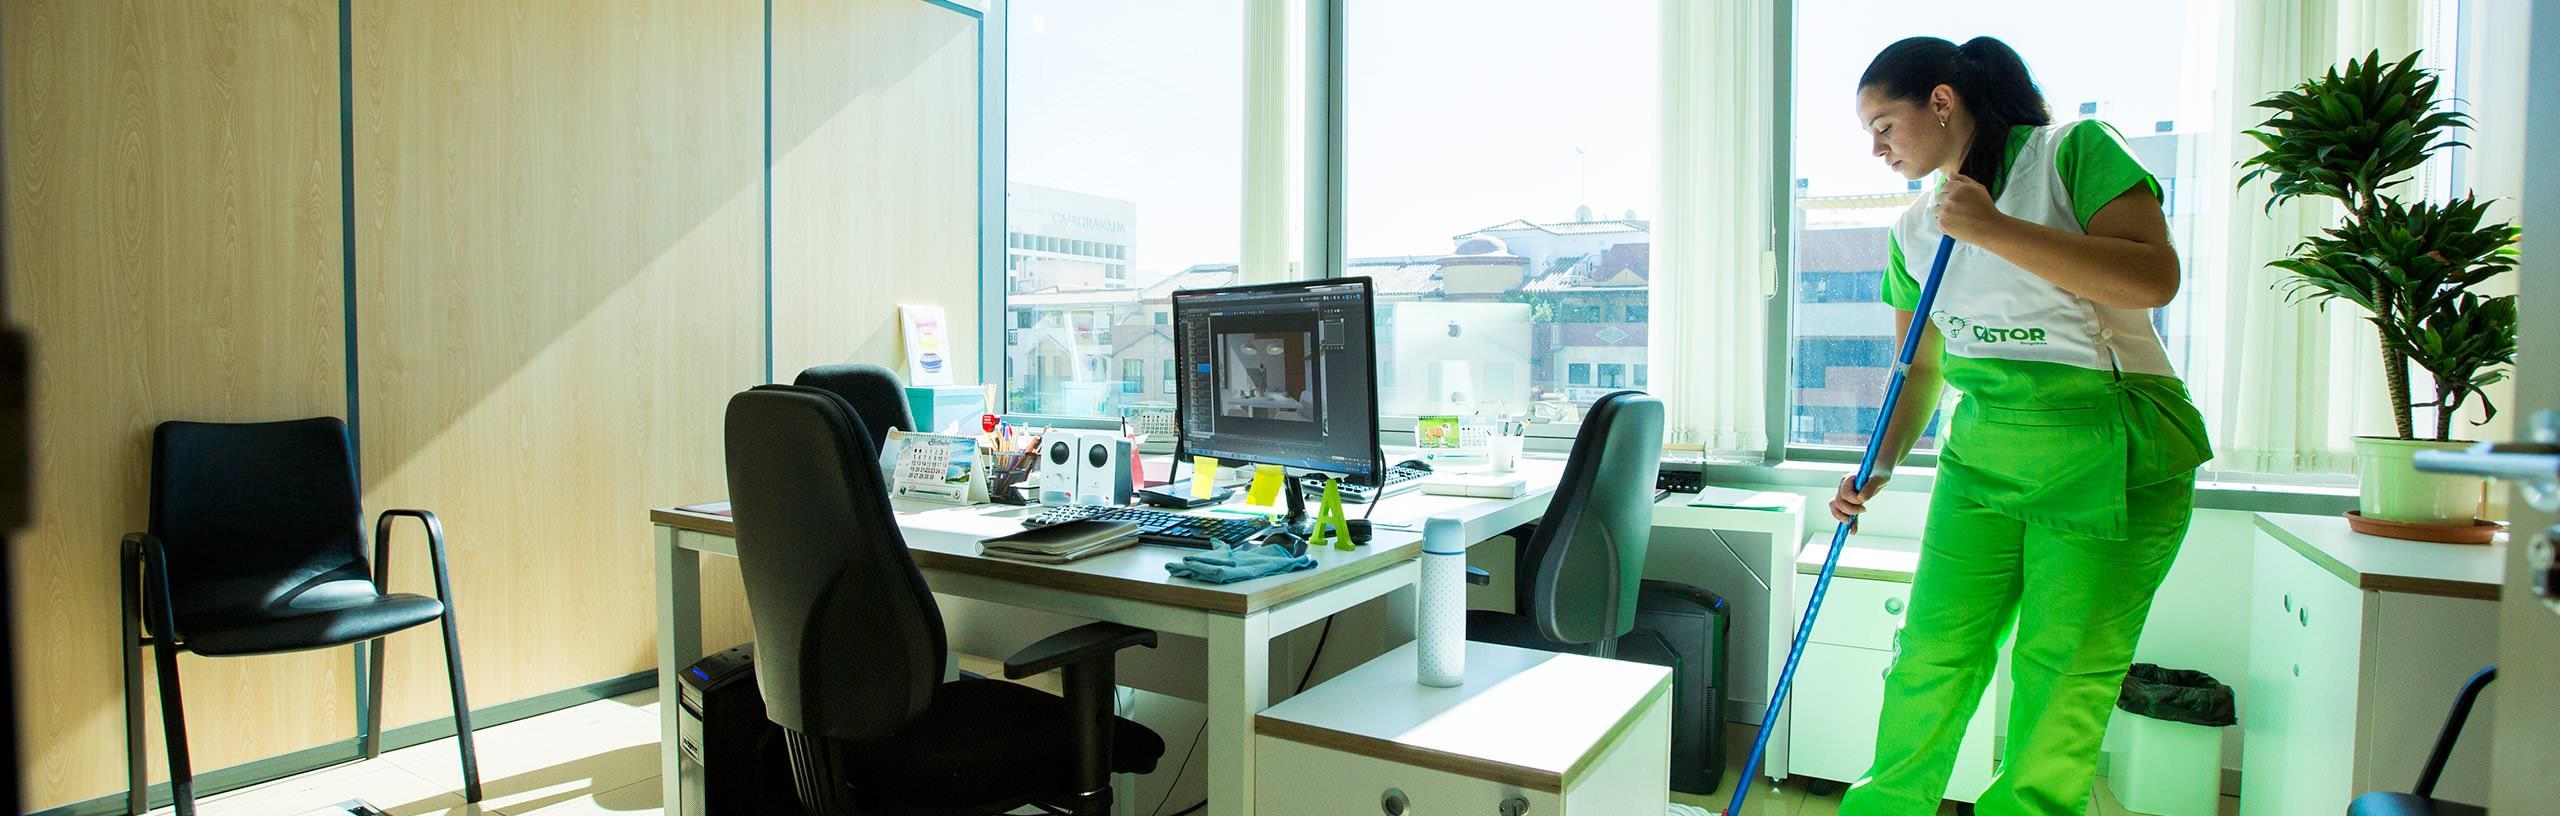 Limpiezas Castor. 7-1 Empresa de Limpieza Granada. Limpiezas Castor